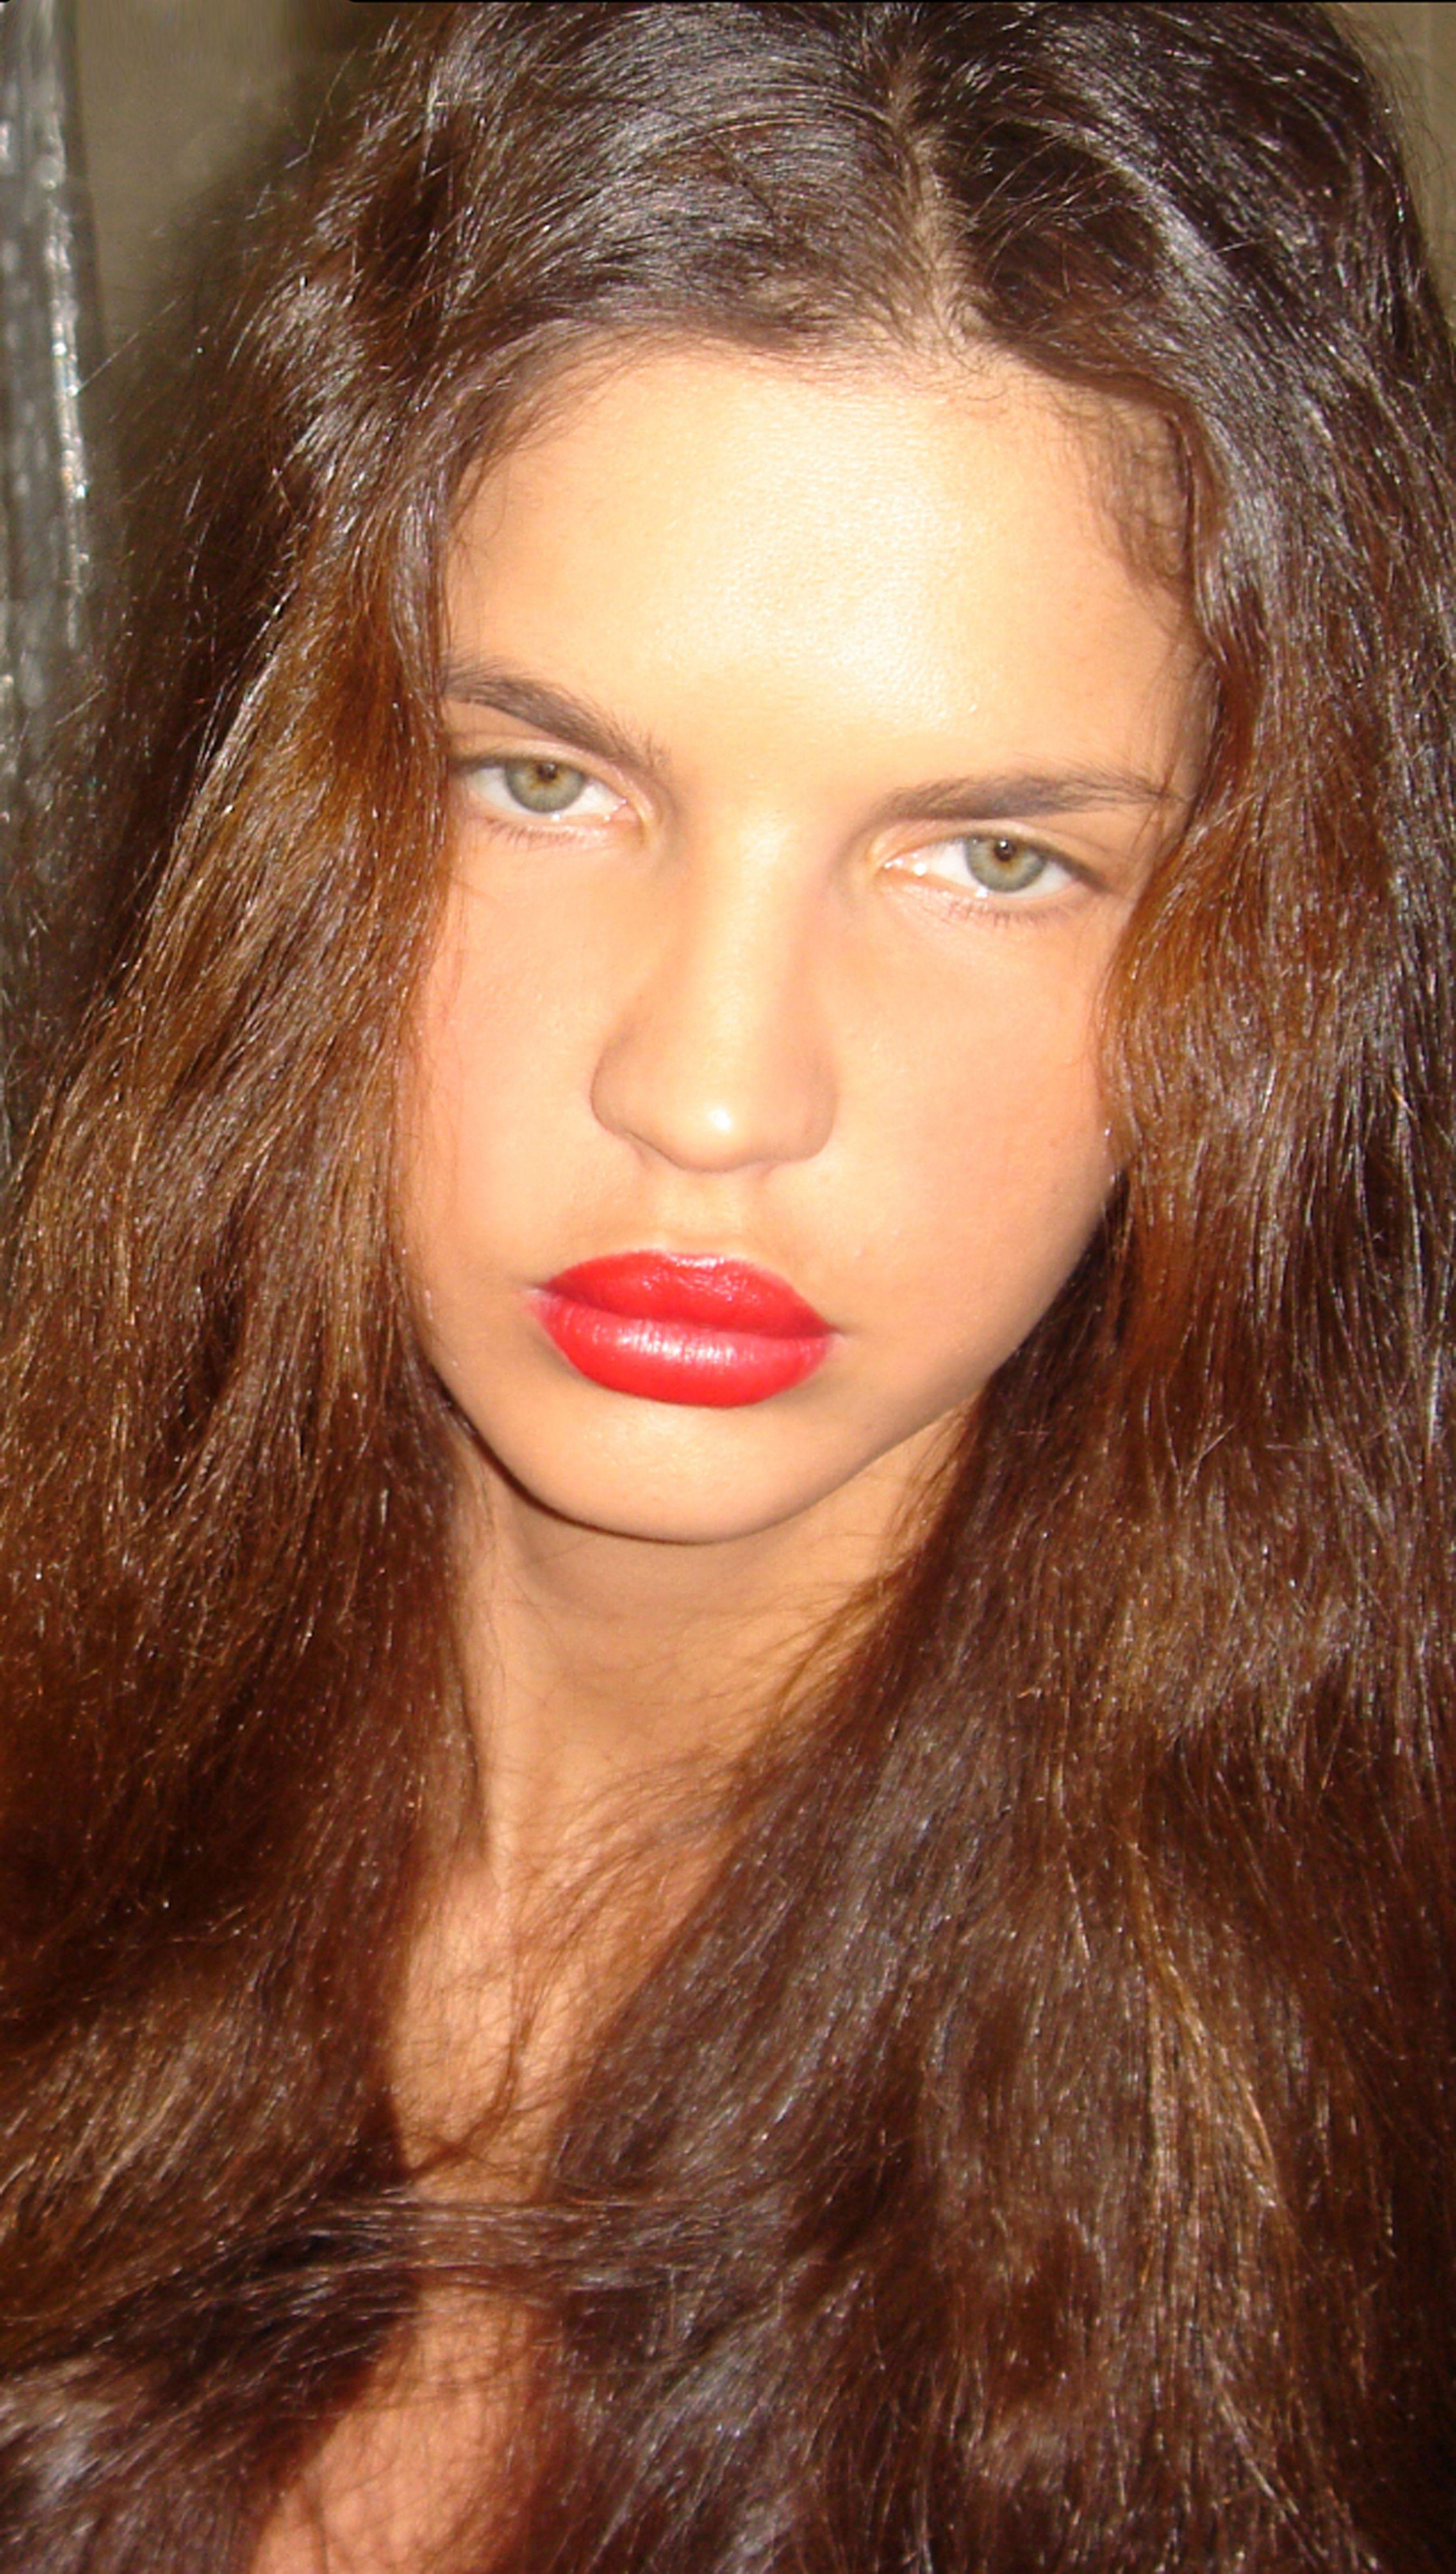 Alesia Riabenkova Nude Photos 67